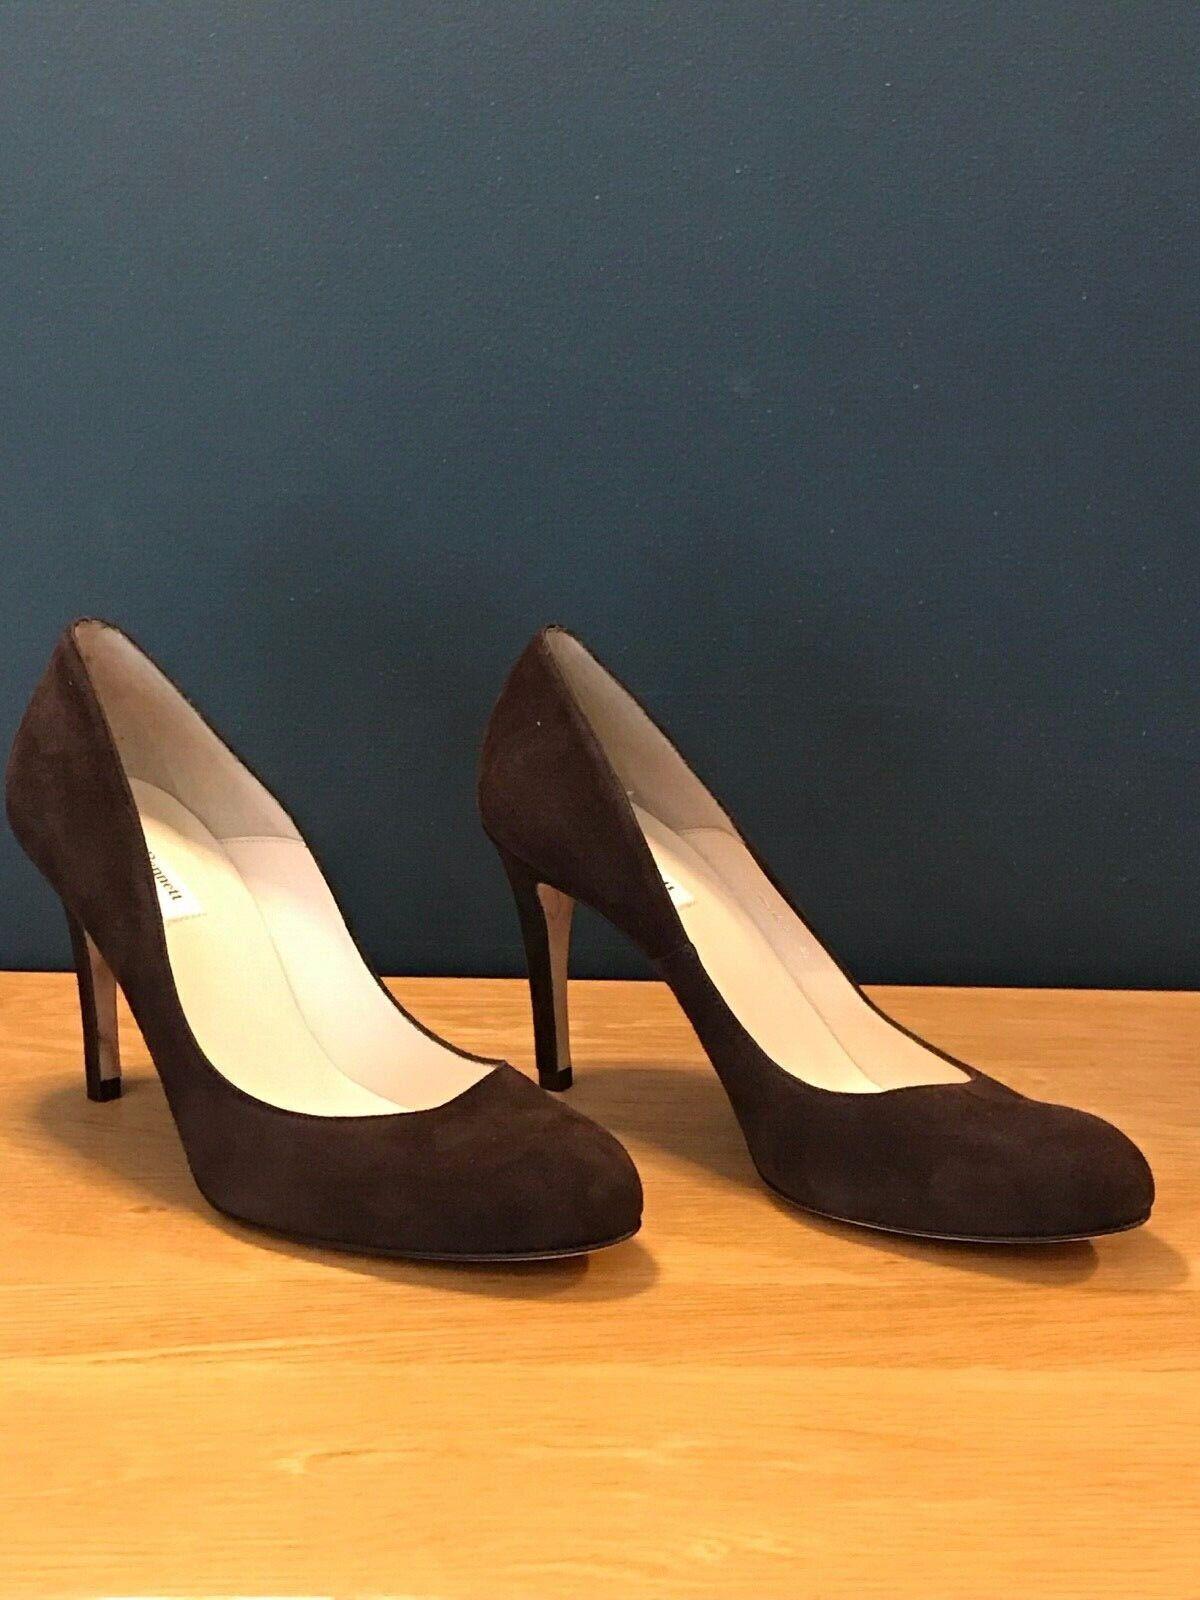 LK Bennett Court  scarpe In Marronee Suede Shilo Style Dimensione UK 7   8 - EU 41  negozio all'ingrosso